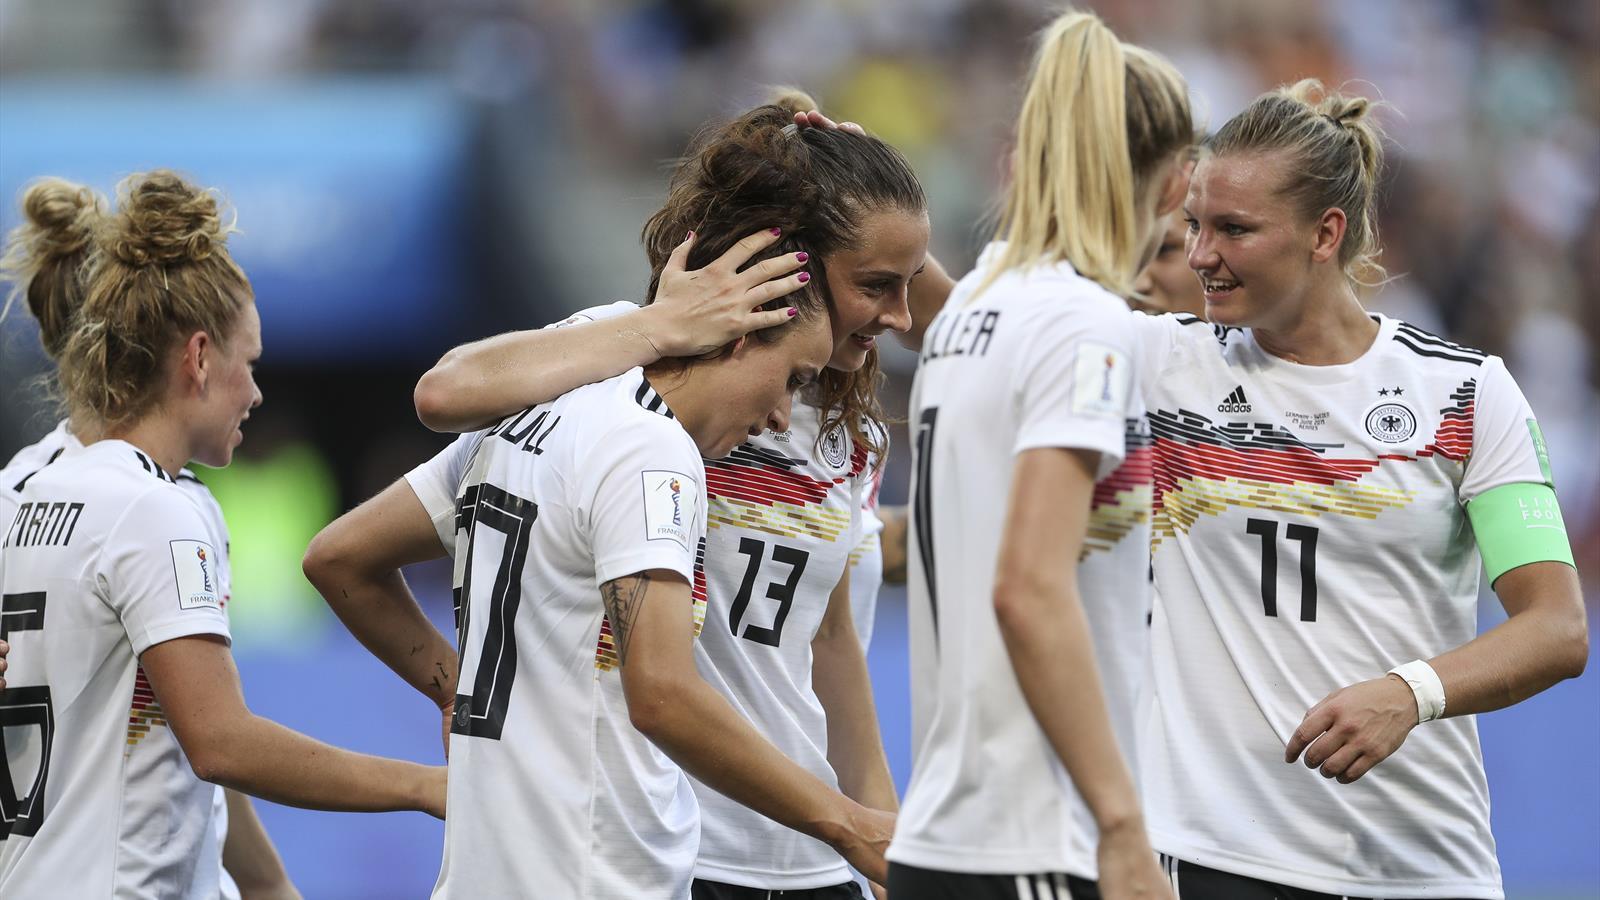 Ergebnisse Frauen Wm Fußball